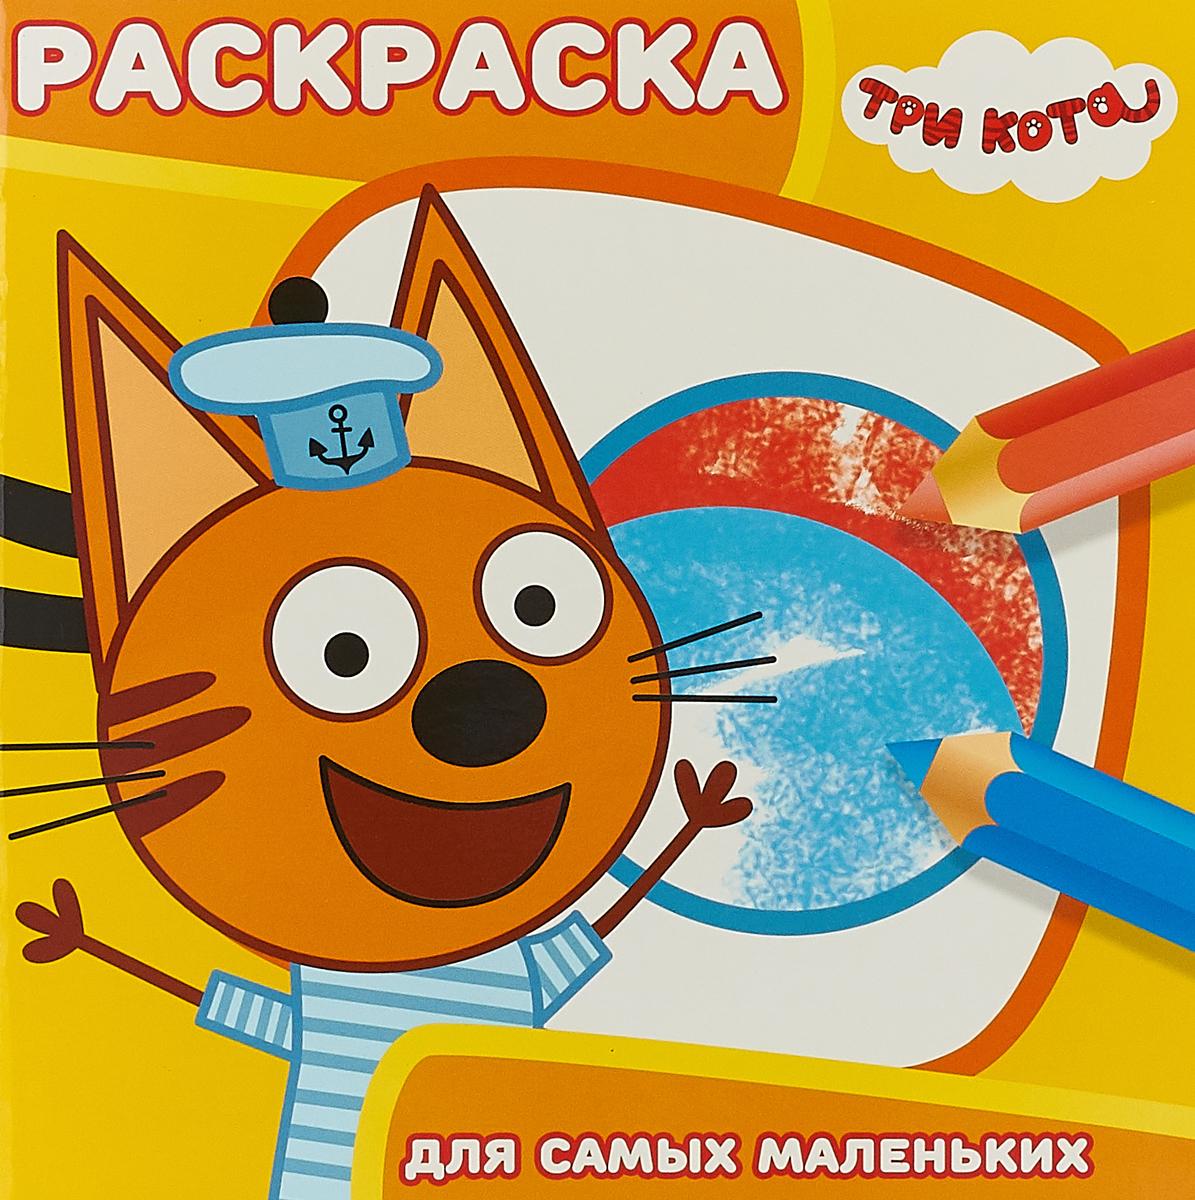 Фото - Три Кота. Раскраска для самых маленьких баталина в ред раскраска для самых маленьких рсм 1813 три кота